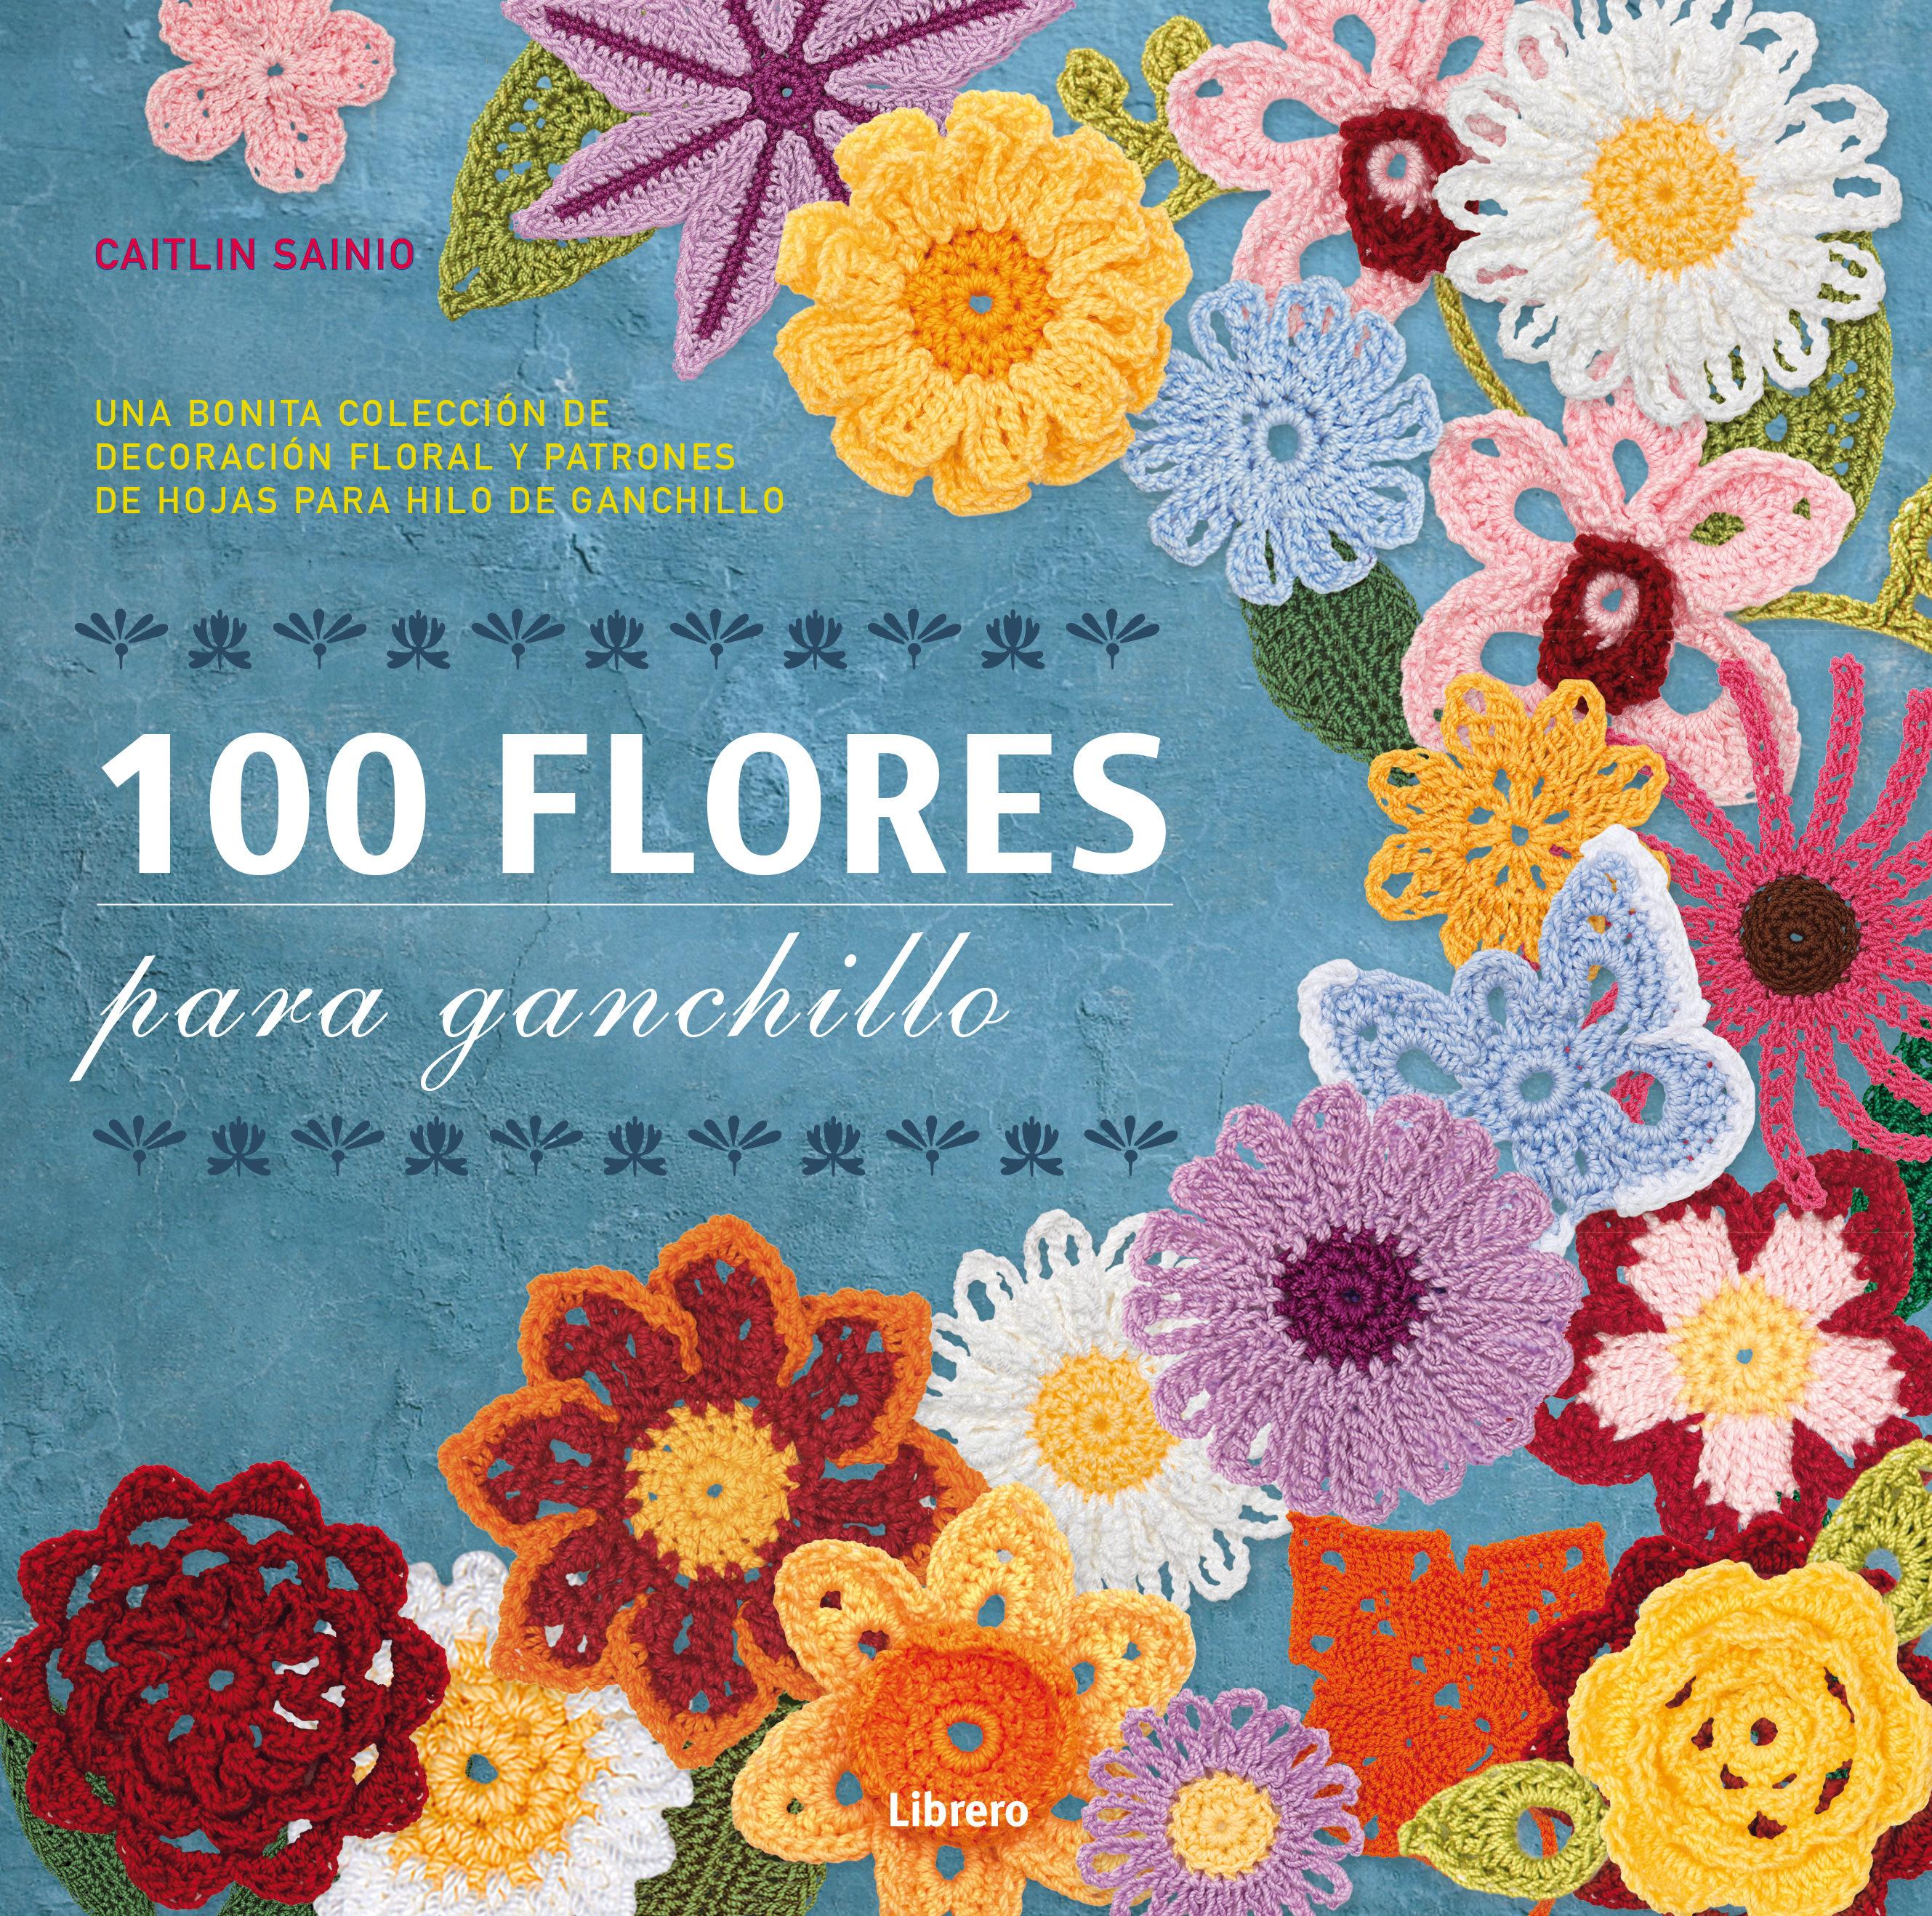 100 FLORES PARA GANCHILLO | CAITLIN SAINIO | Comprar libro 9789089982964